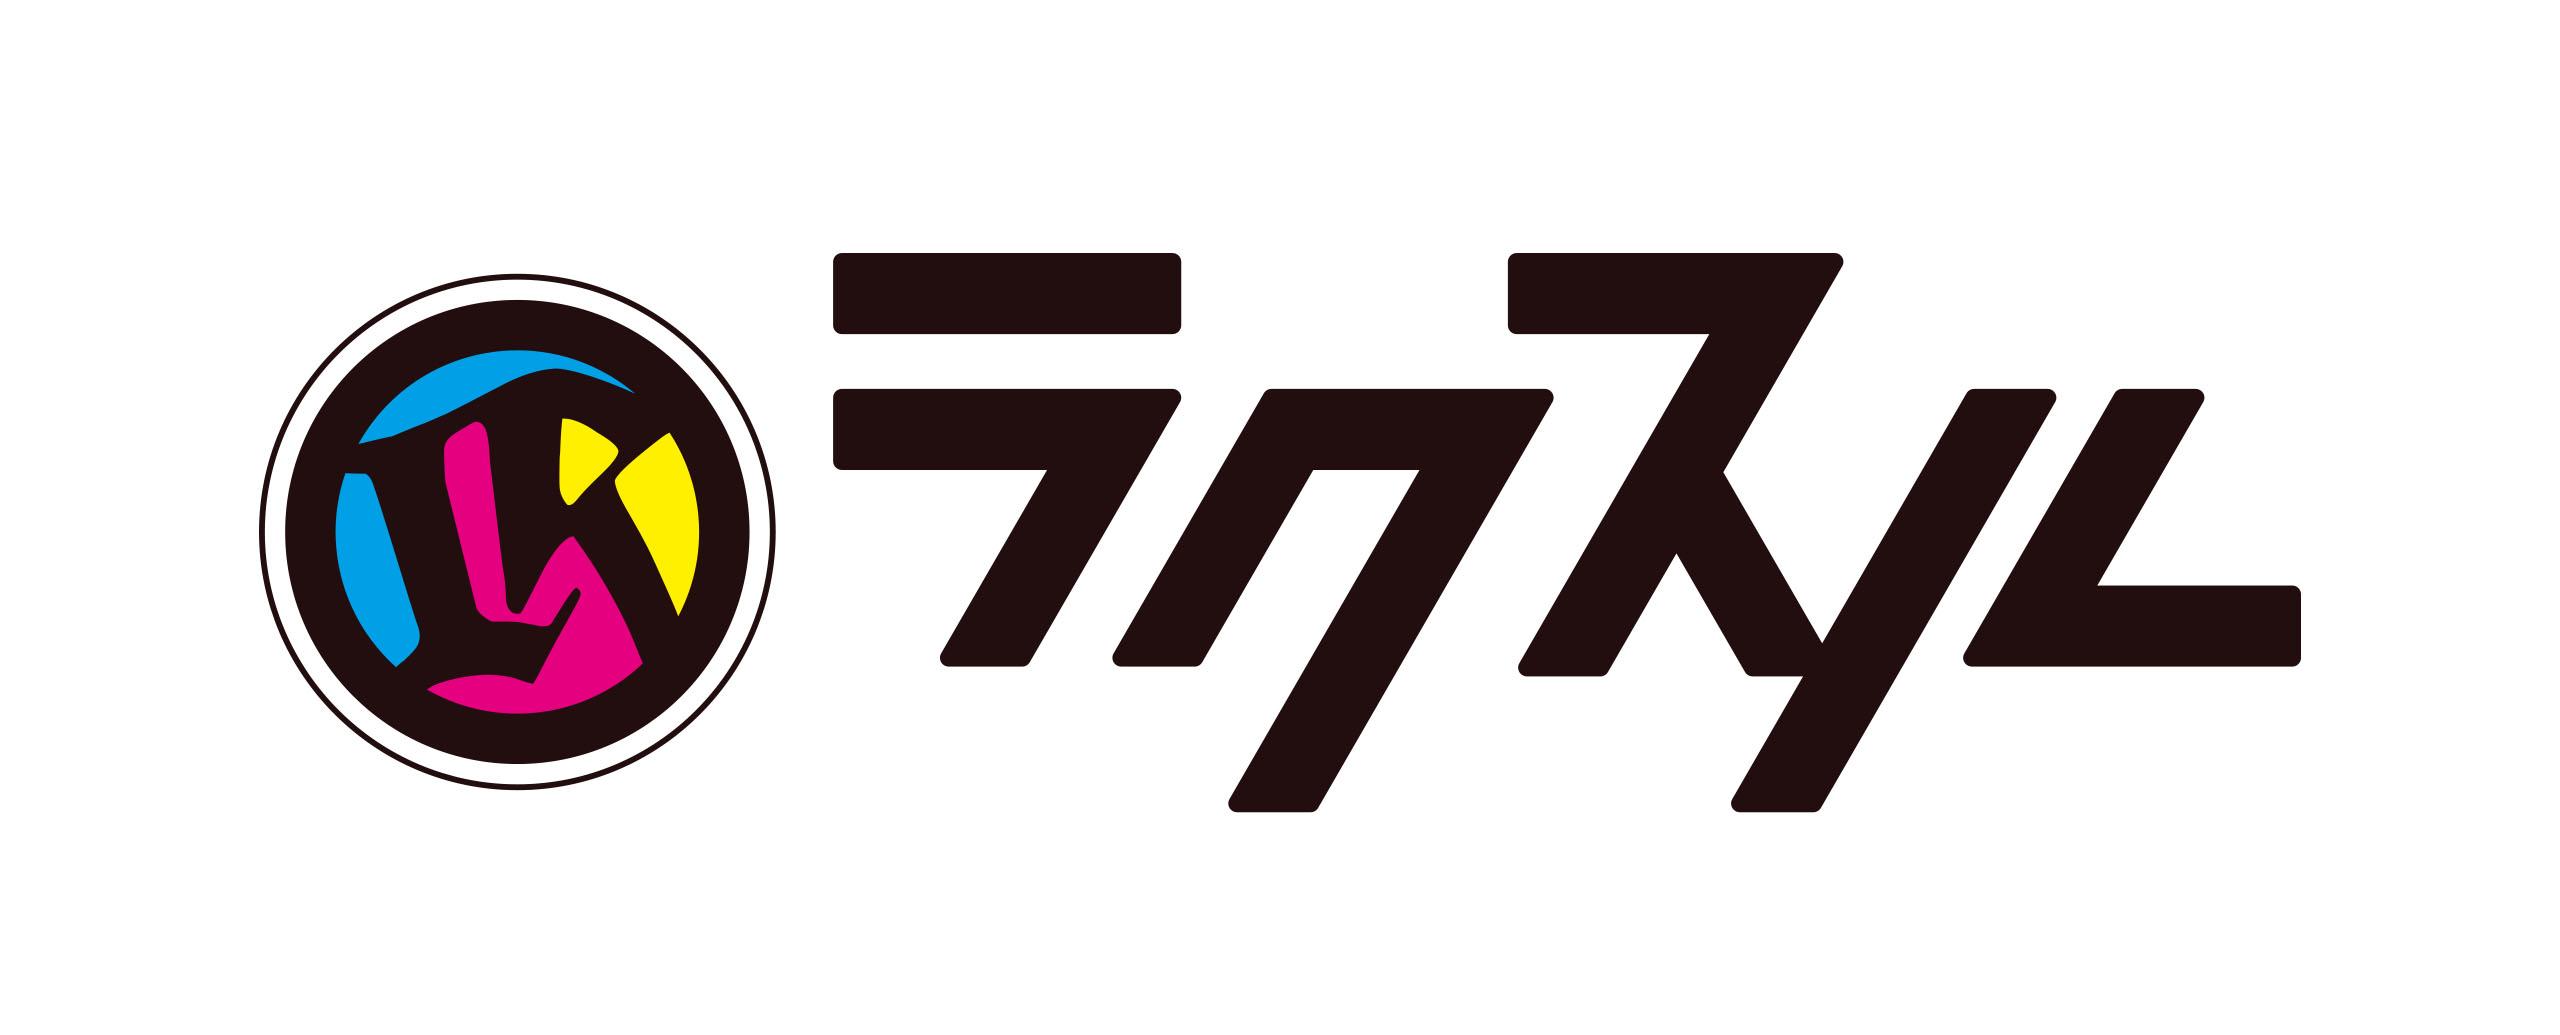 者 出演 ラクスル cm